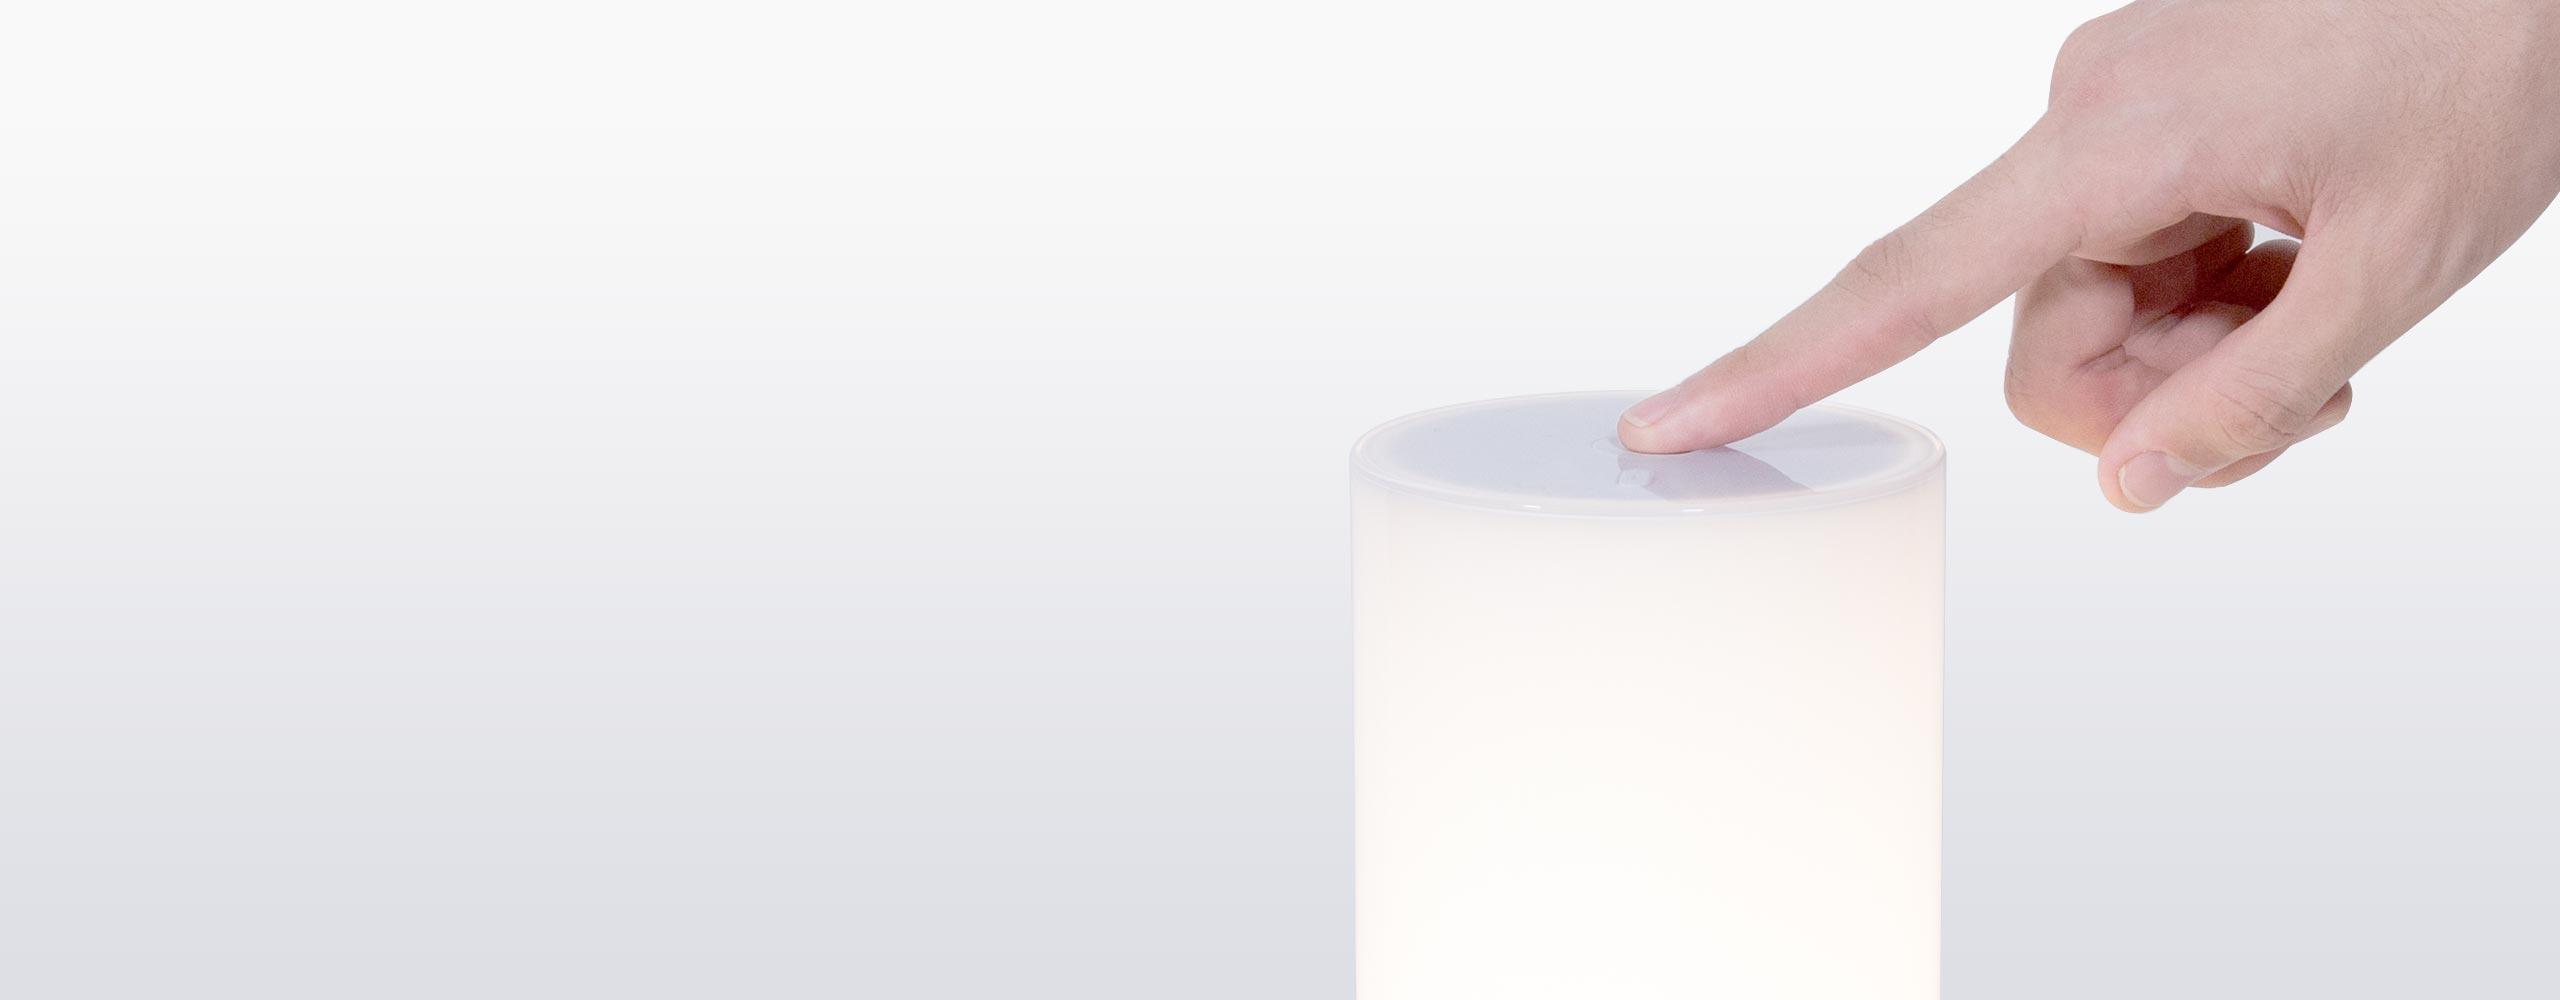 mj-bedsidelamp-08.jpg